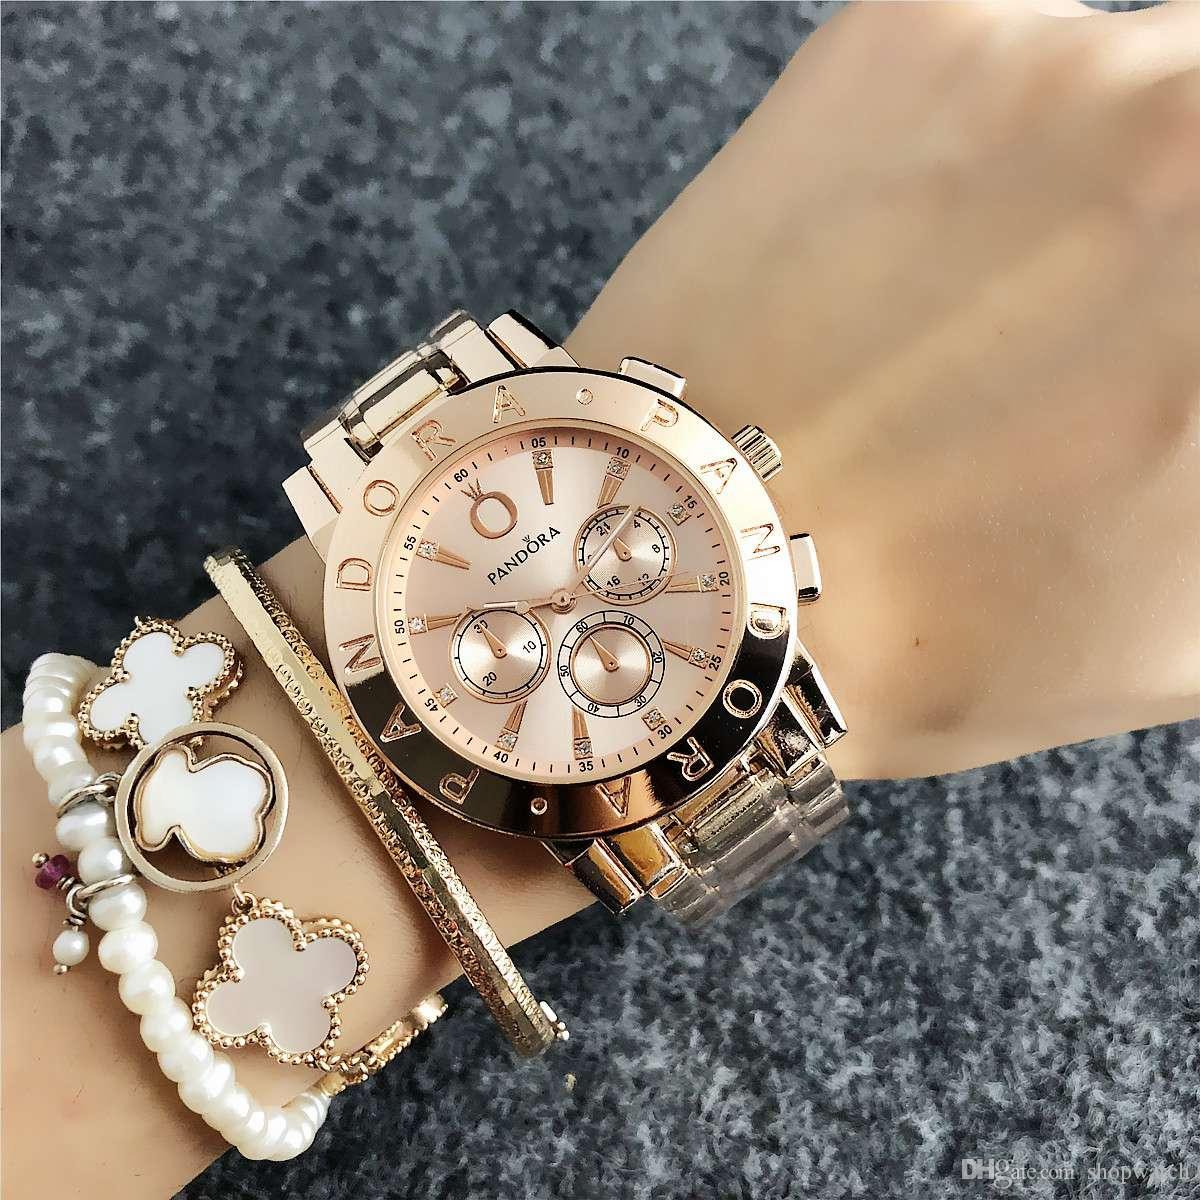 9 relógios de luxo de marcação azul numerais arábicos masculinas e relógios das mulheres safira pulseira de aço inoxidável de alta qualidade novo relógio big bang